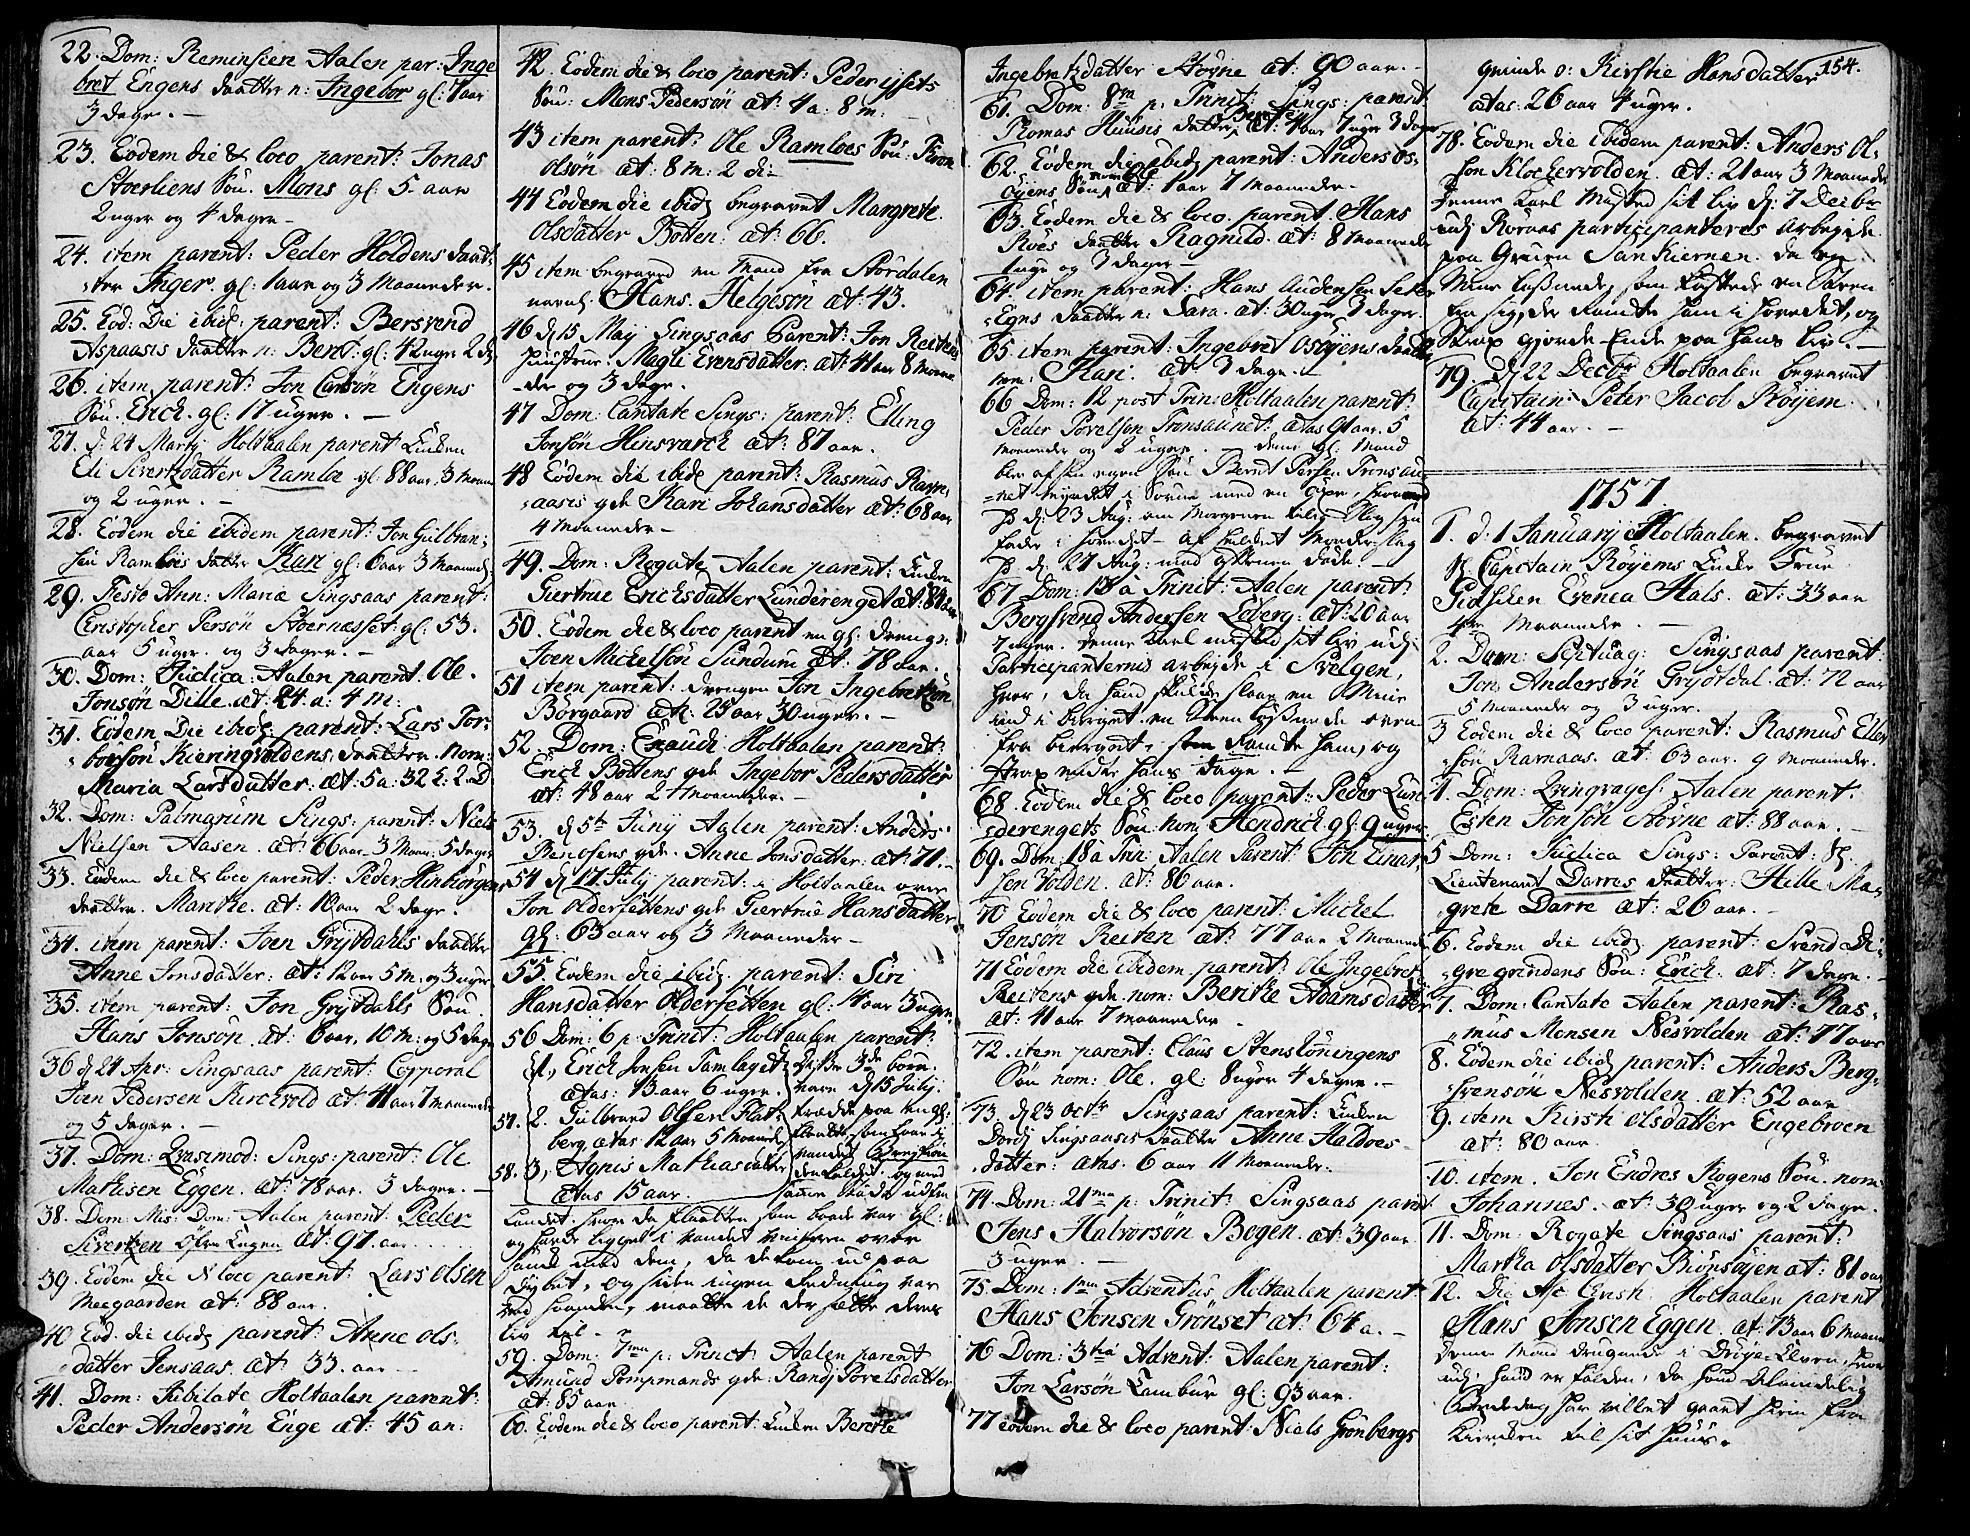 SAT, Ministerialprotokoller, klokkerbøker og fødselsregistre - Sør-Trøndelag, 685/L0952: Ministerialbok nr. 685A01, 1745-1804, s. 154